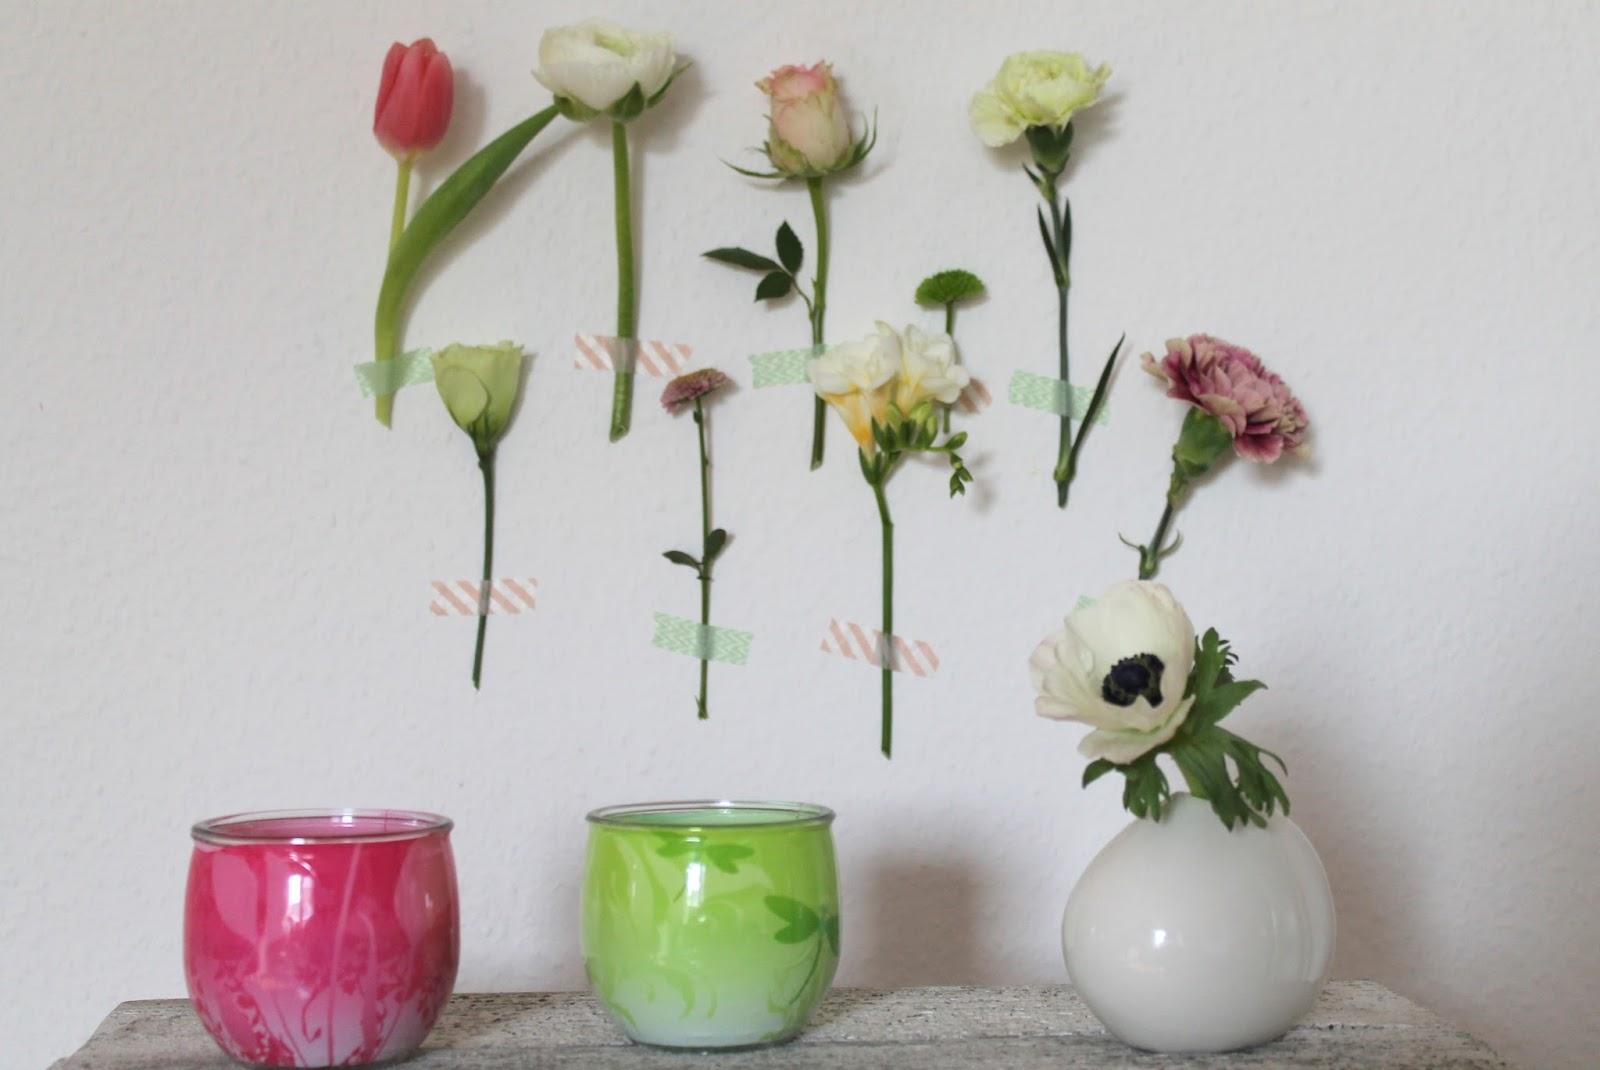 Glade Duftkerzen Fruehling Blumenwand